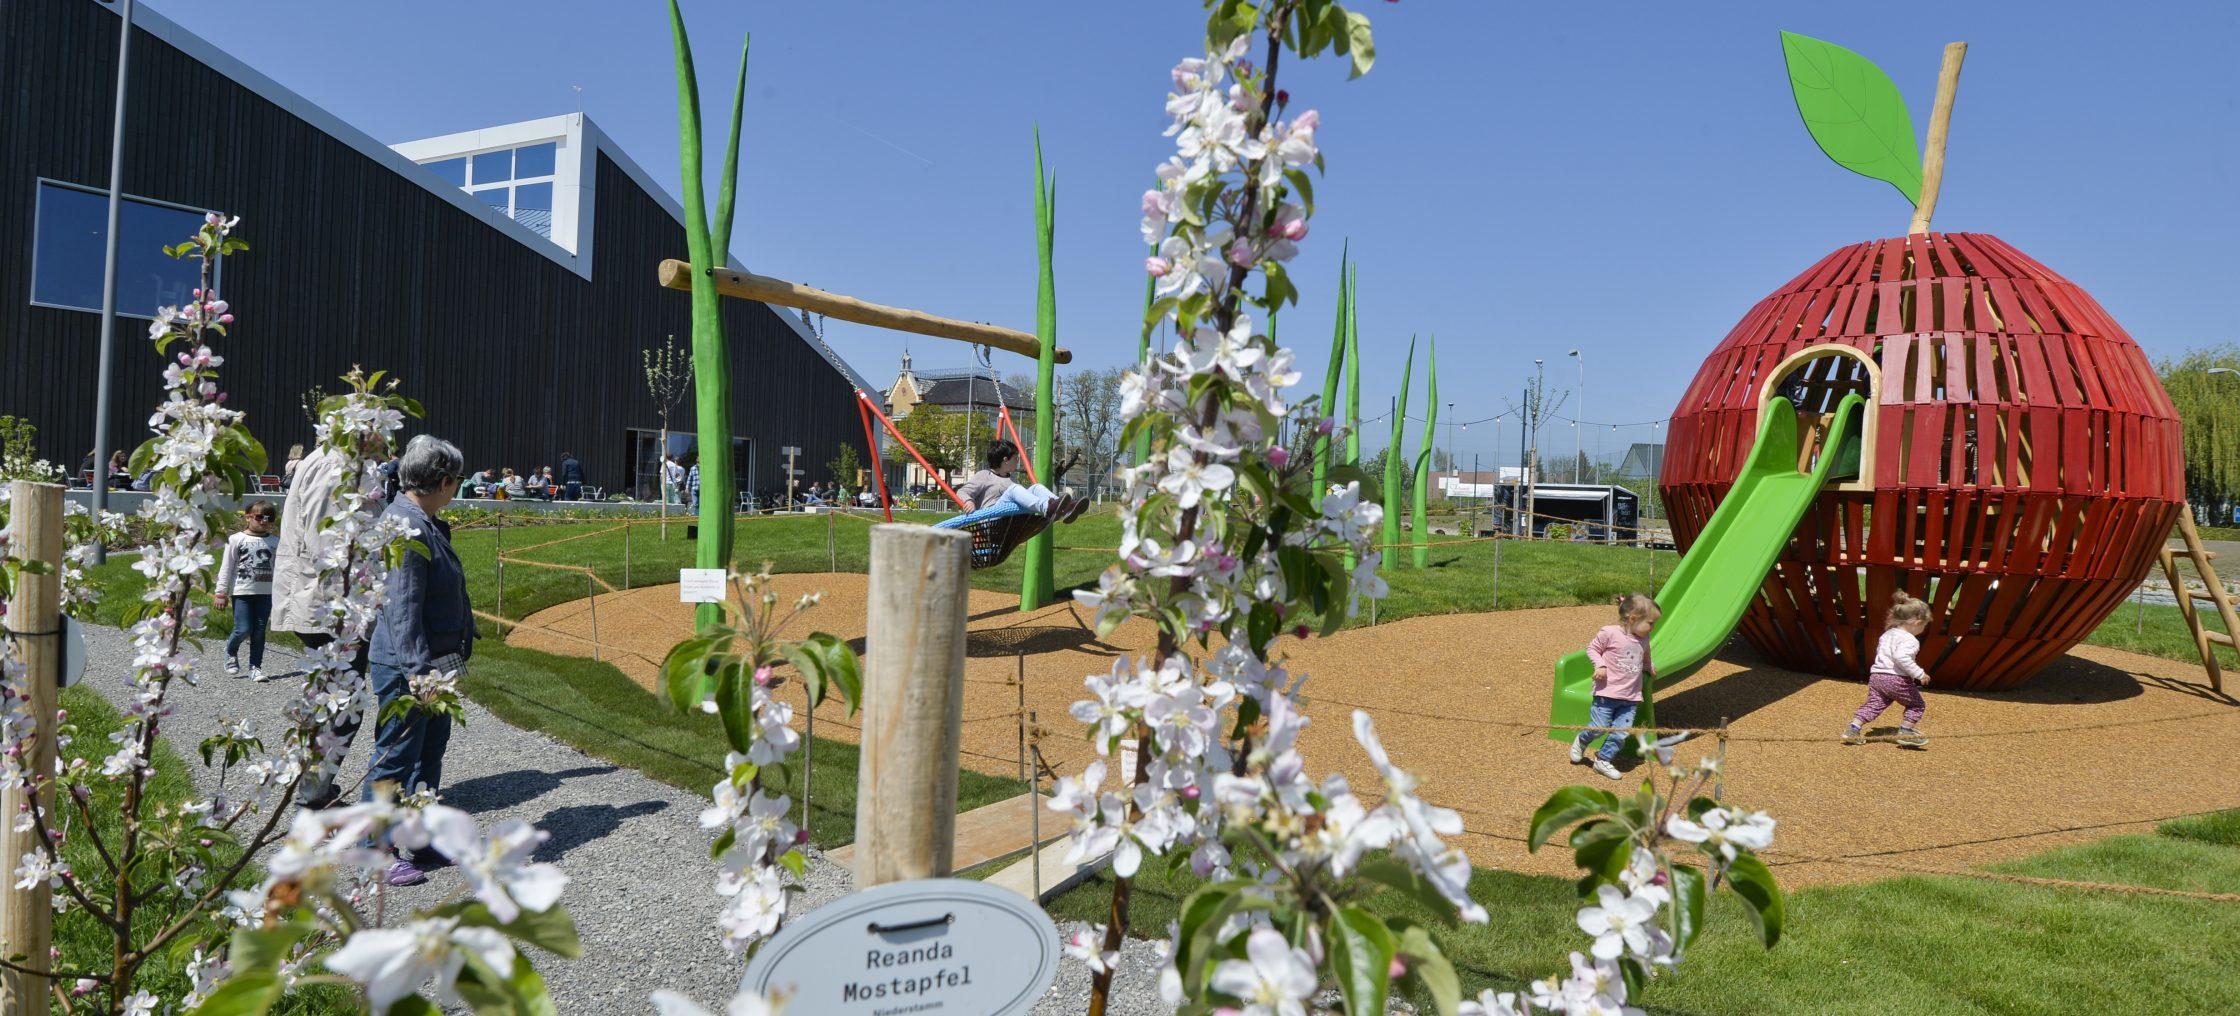 Bodensee Museum Spielplatz mit Rutschbahn, der aus einem Apfel kommt